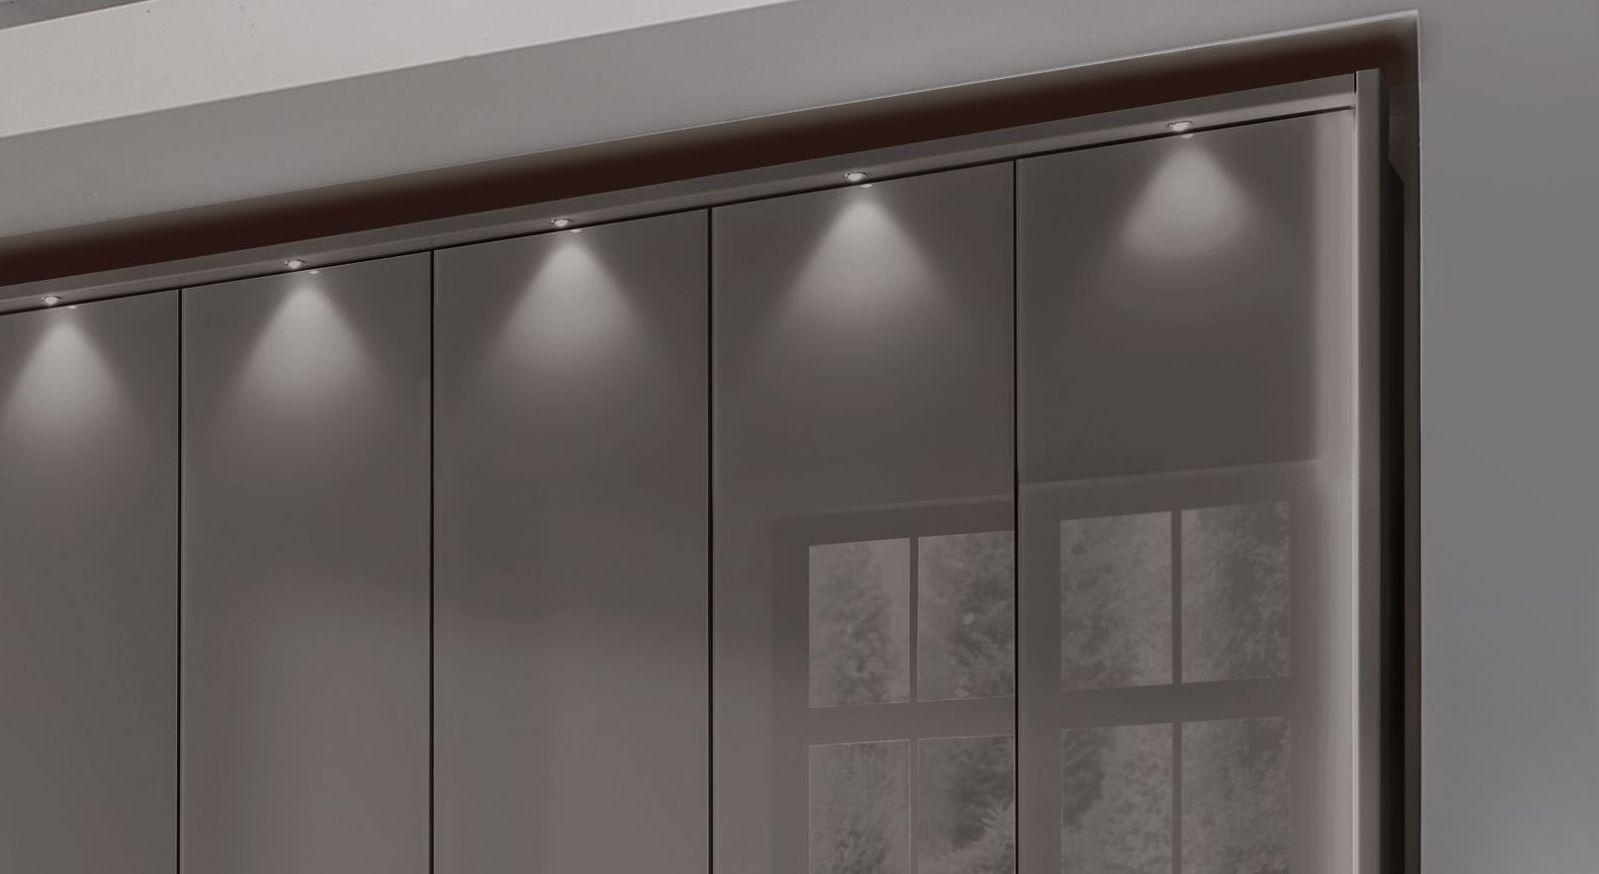 Funktions-Kleiderschrank Southville mit praktischer Beleuchtung